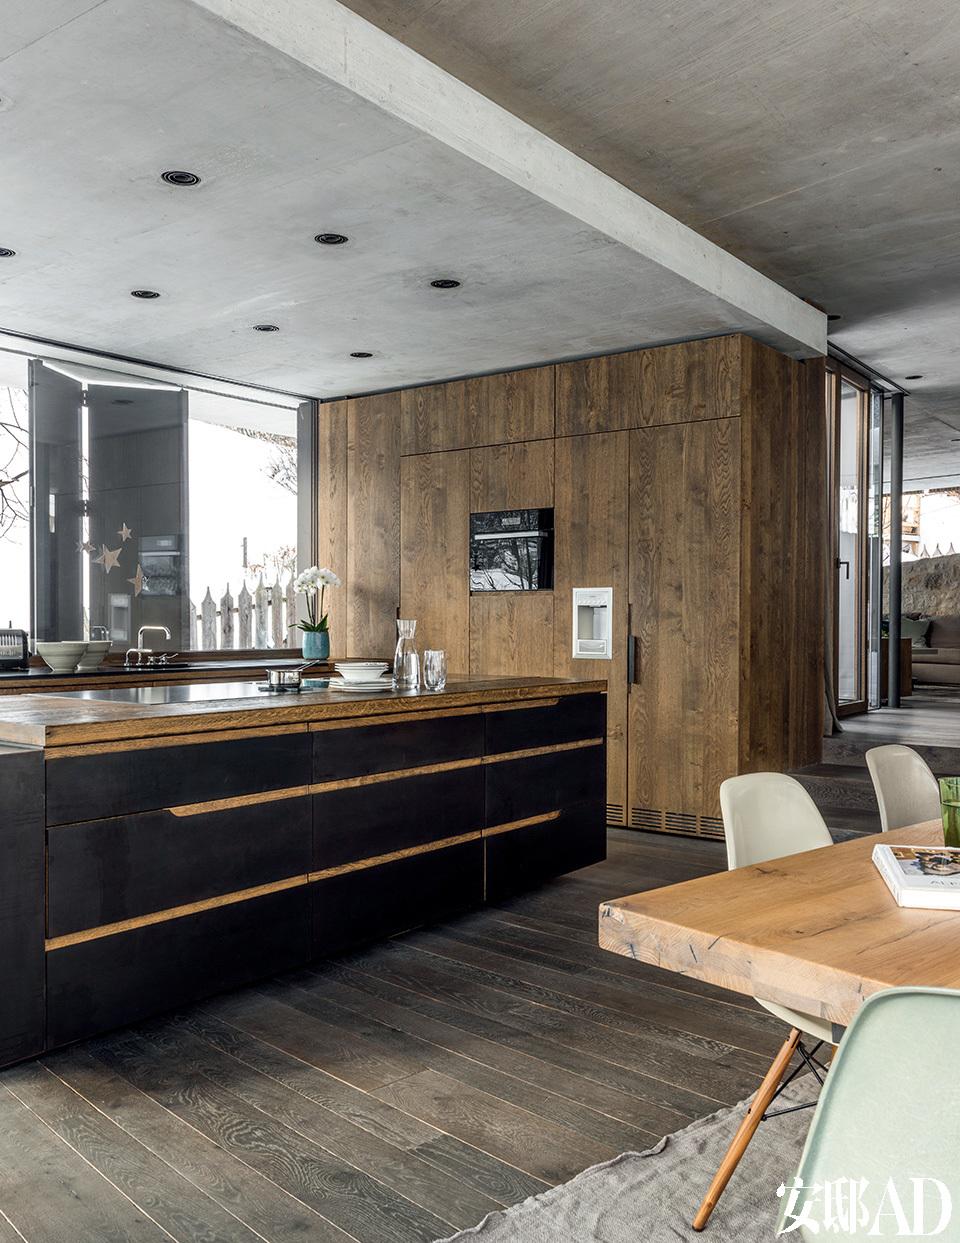 建筑师别具匠心地为新屋的厨房选用了黑钢和橡木材质。